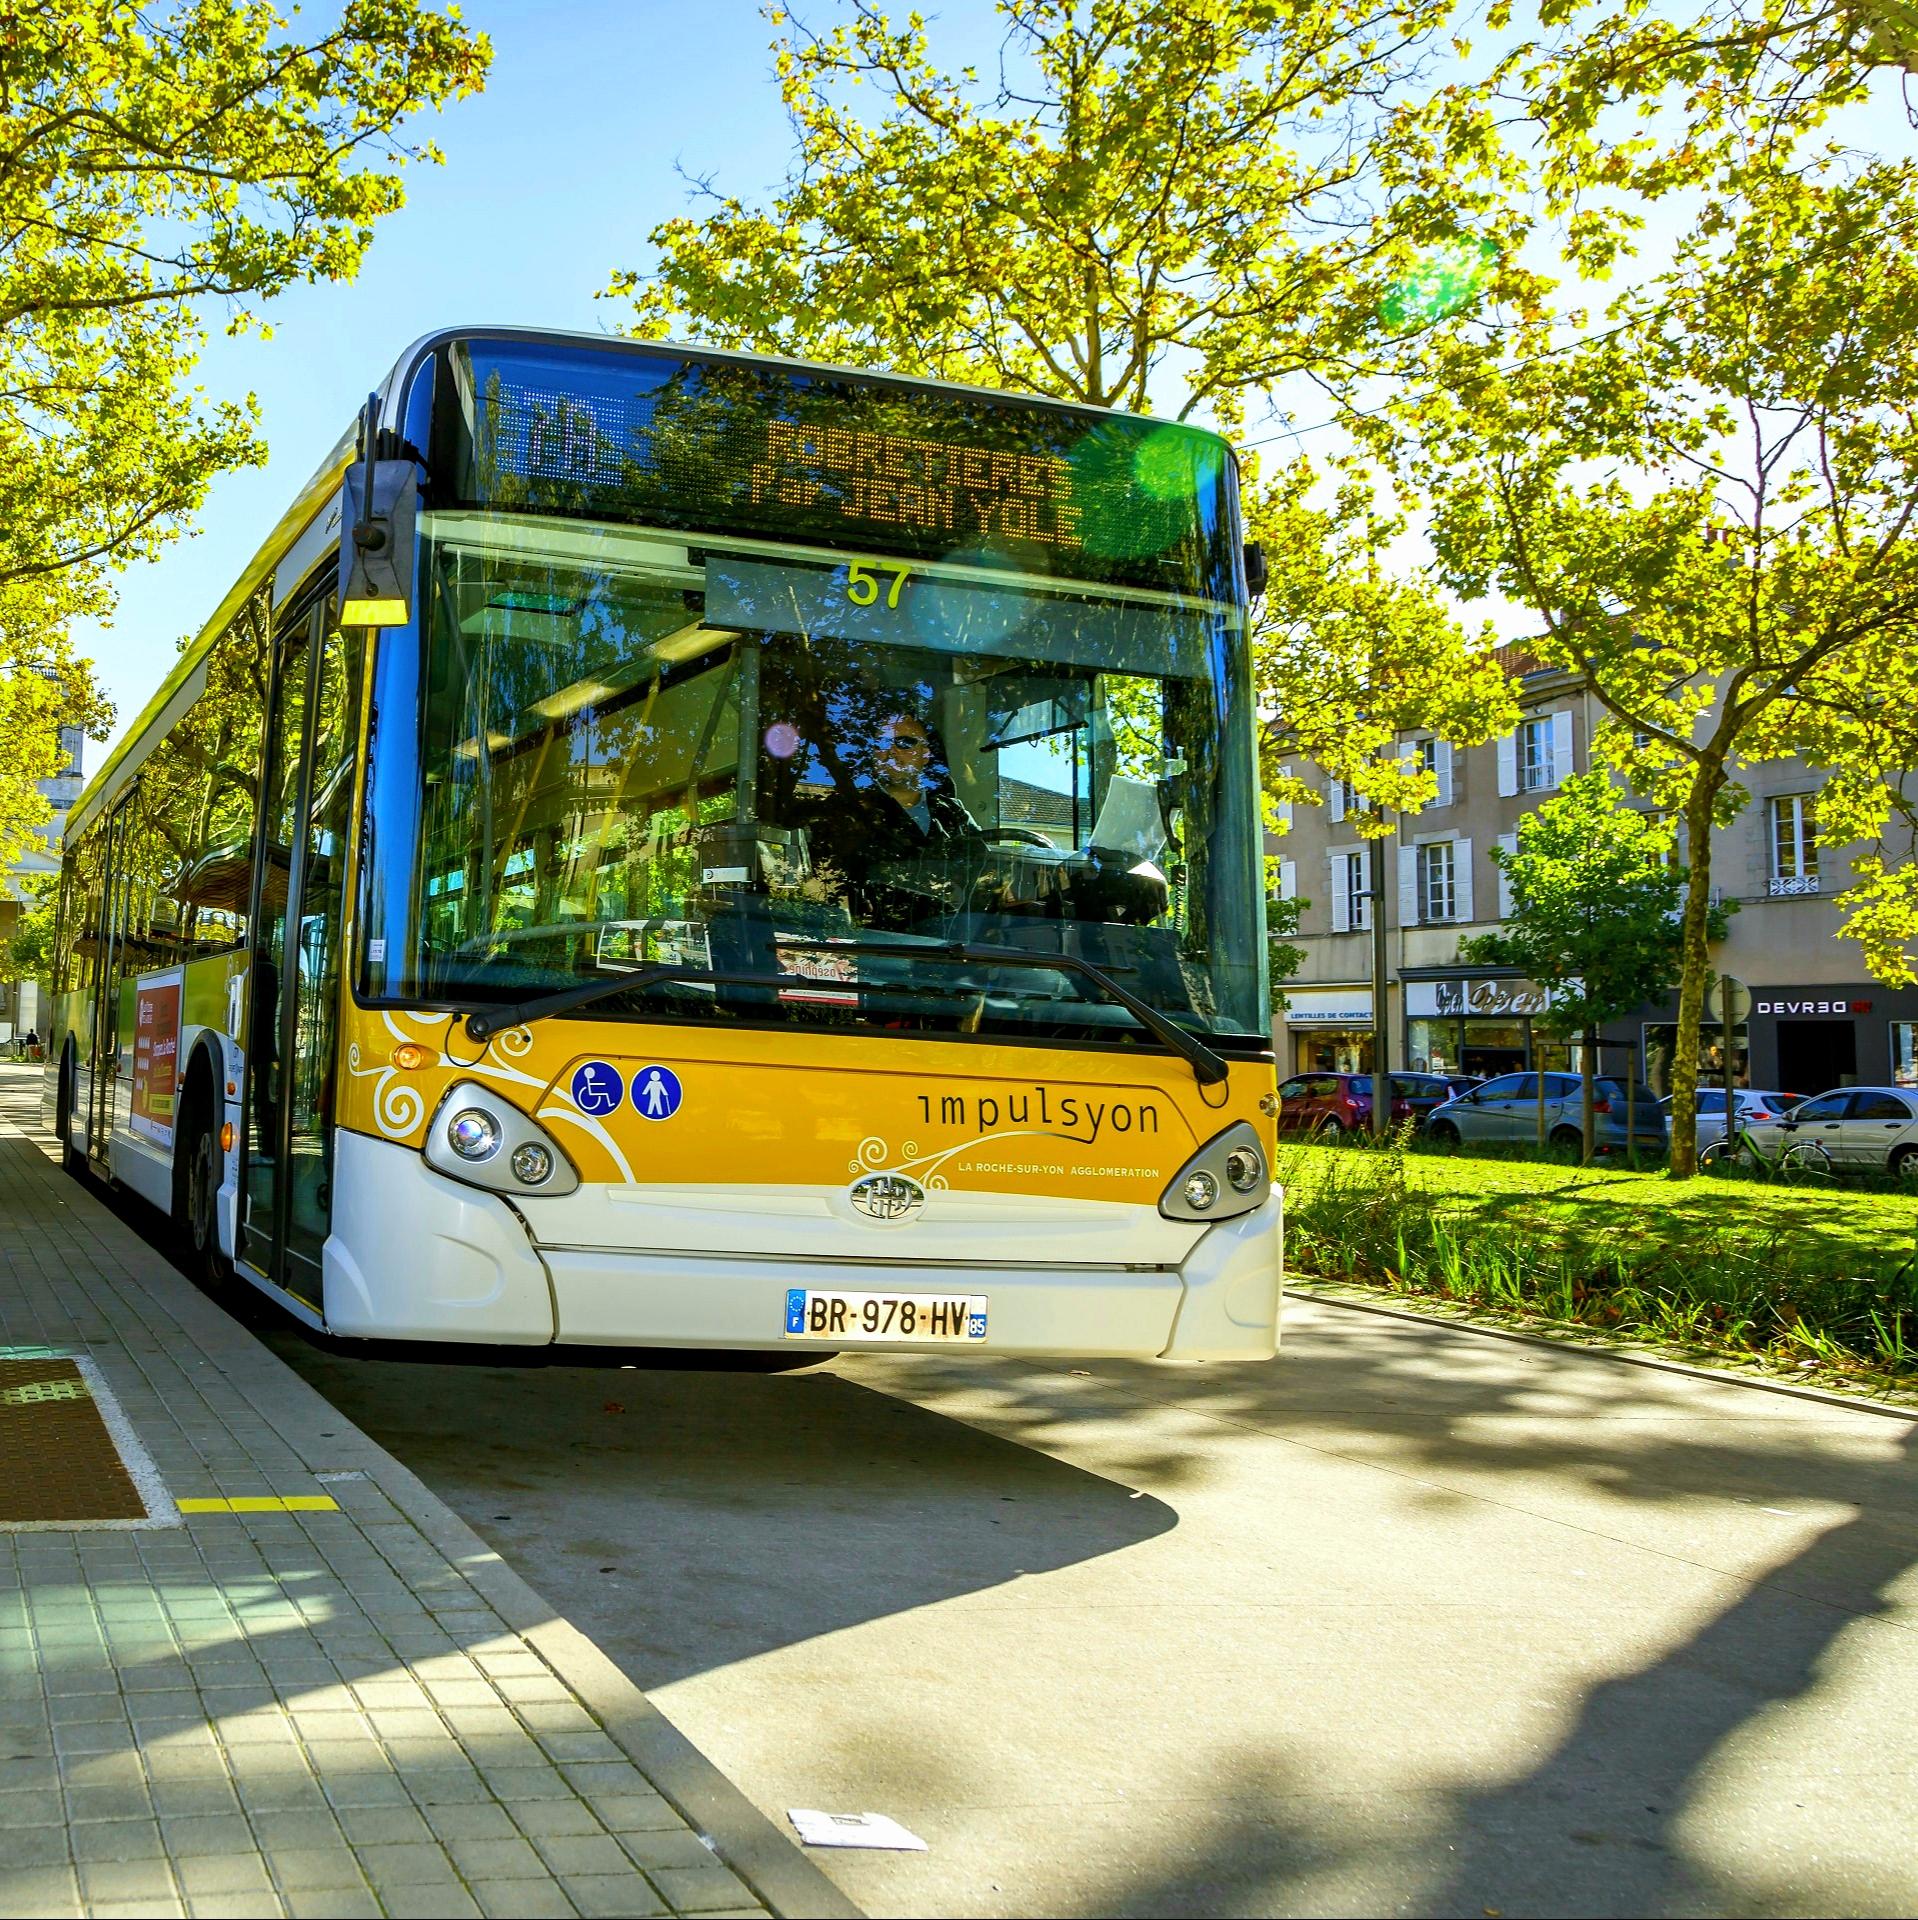 Circulation Gratuite en Bus entre Landeronde et La Roche-sur-Yon du 26 Octobre au 7 Novembre - La Roche-sur-Yon / Landeronde (85)